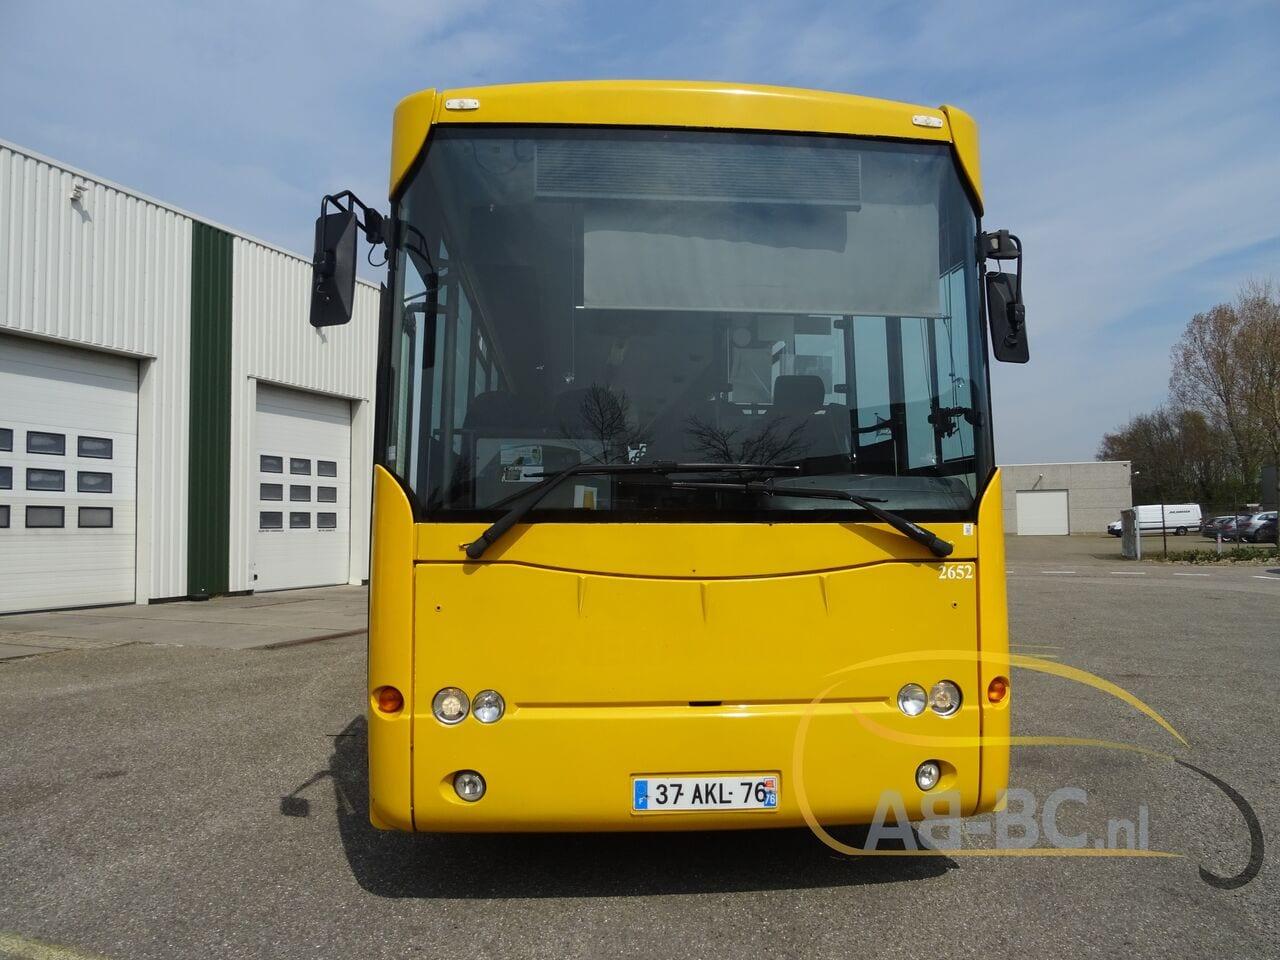 interurban-busMAN-Fast-64-seats---1619619671349546603_big_739d891cd181eaf7a5e1940ff4992c91--21042817163019598600